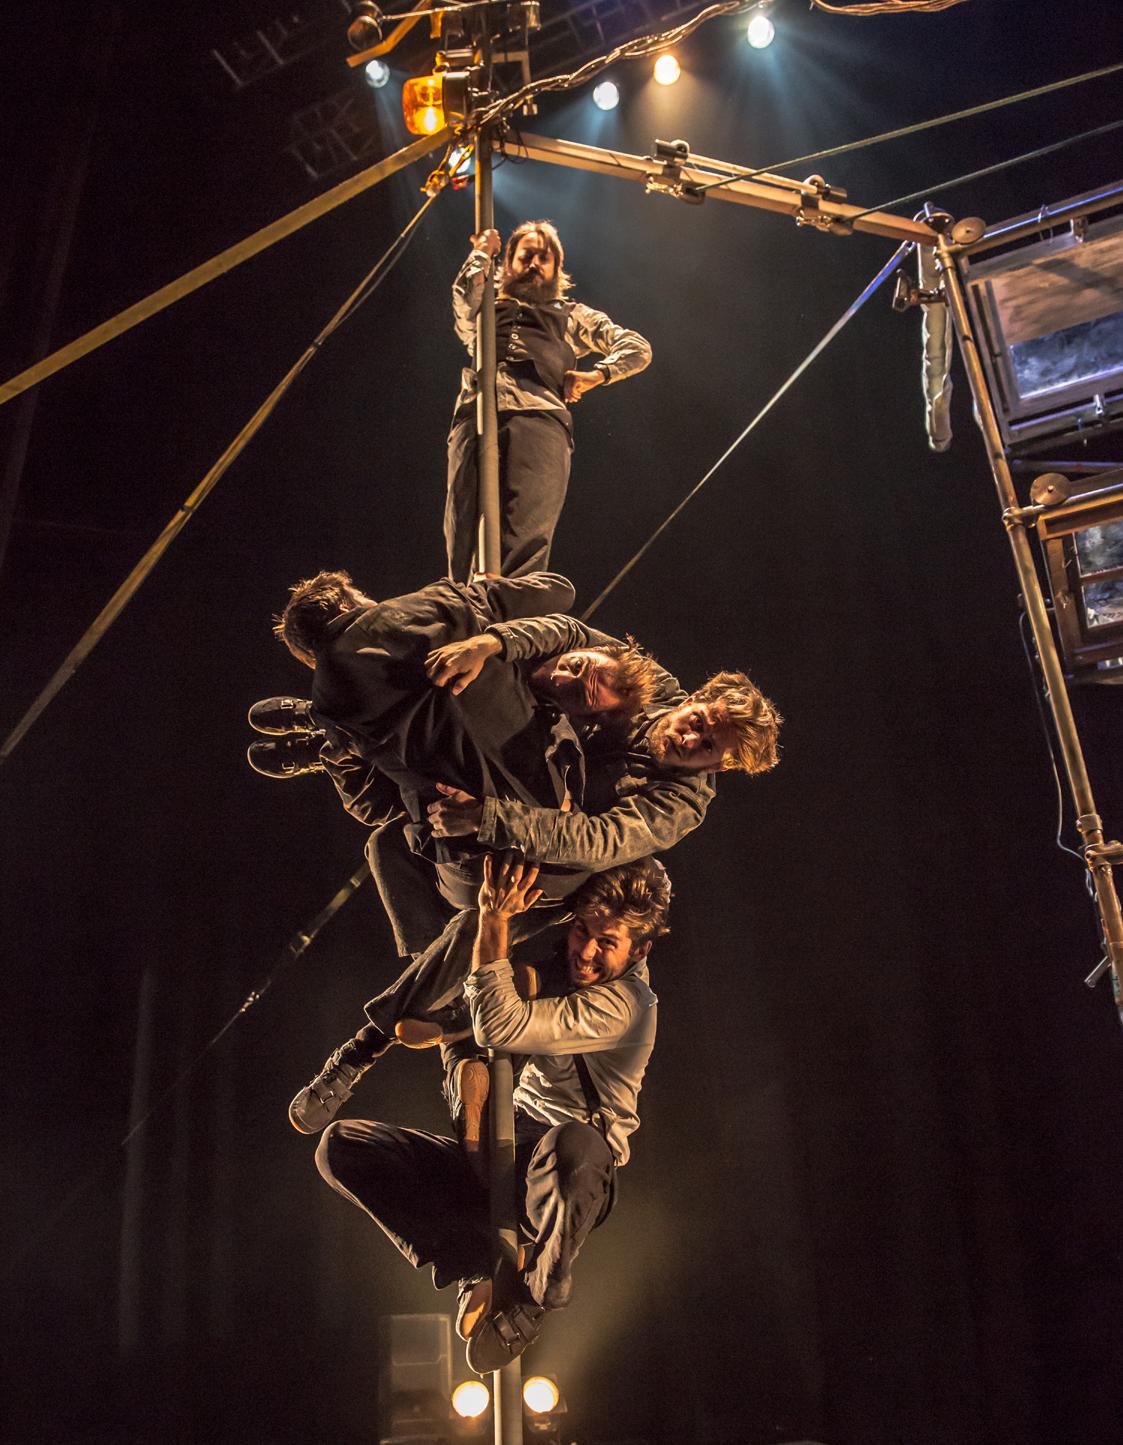 machine de cirque